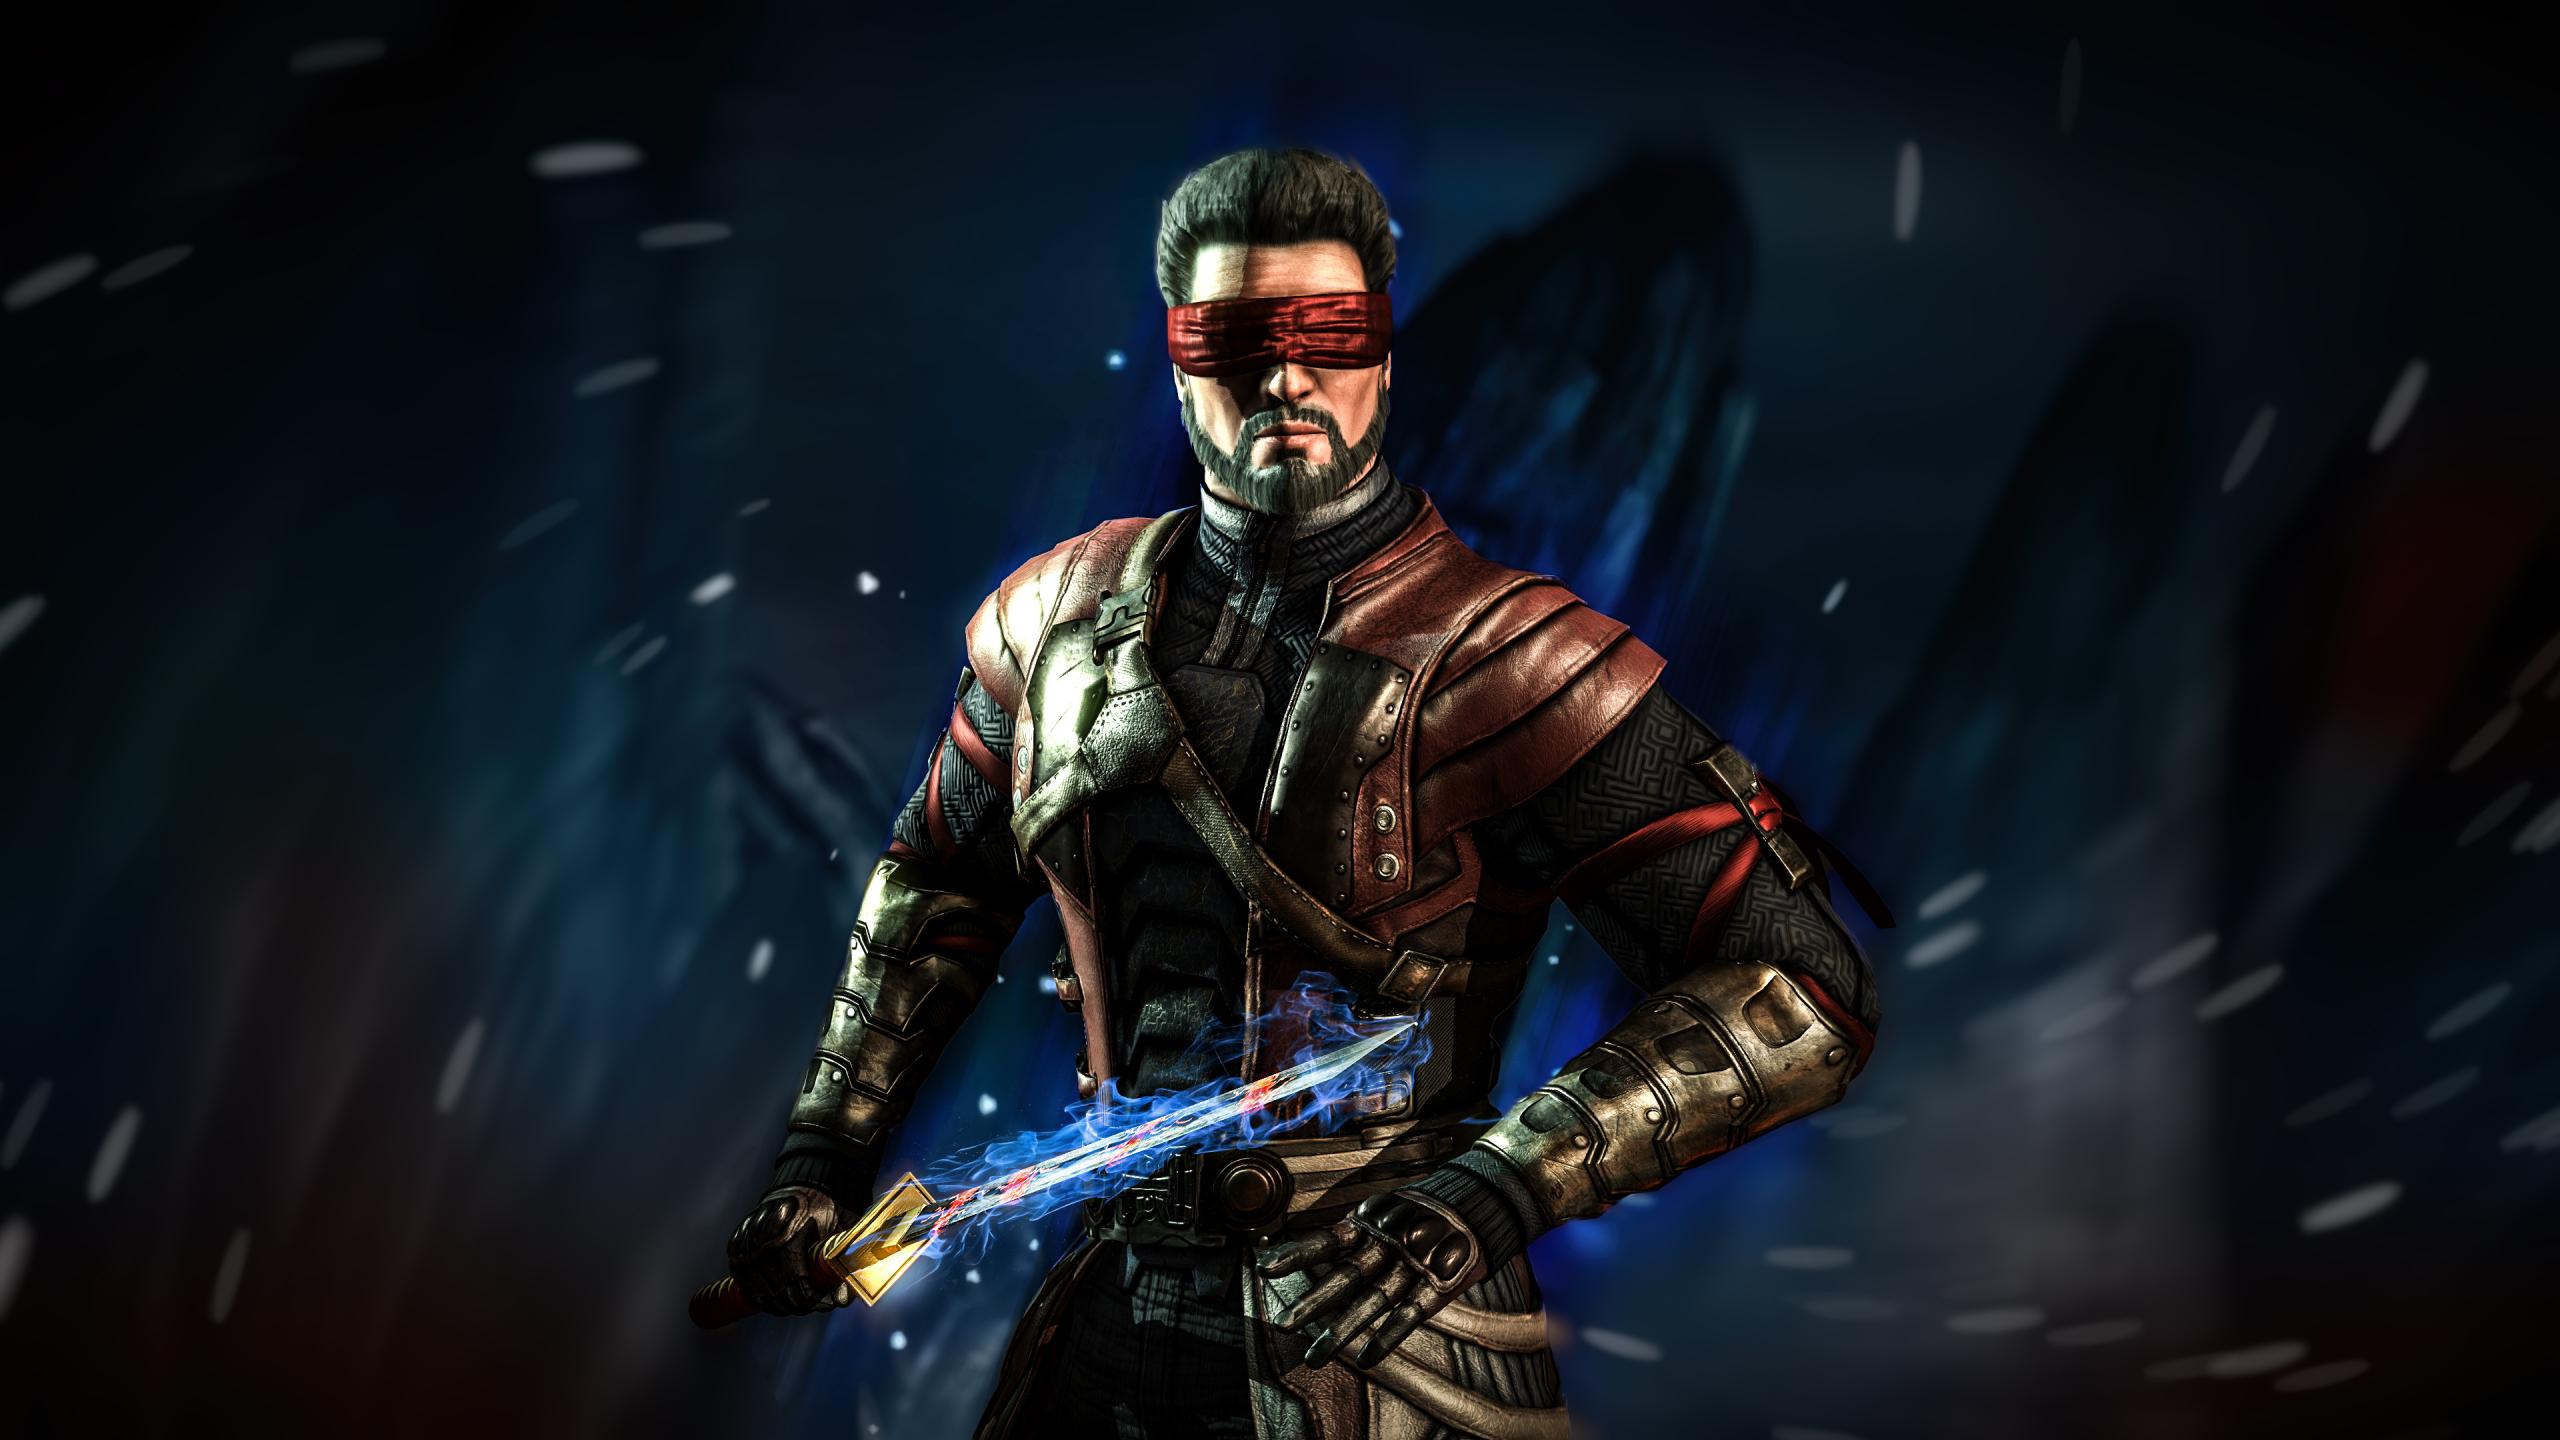 2560x1440 Mortal Kombat X New Game 1440p Resolution Wallpaper Hd